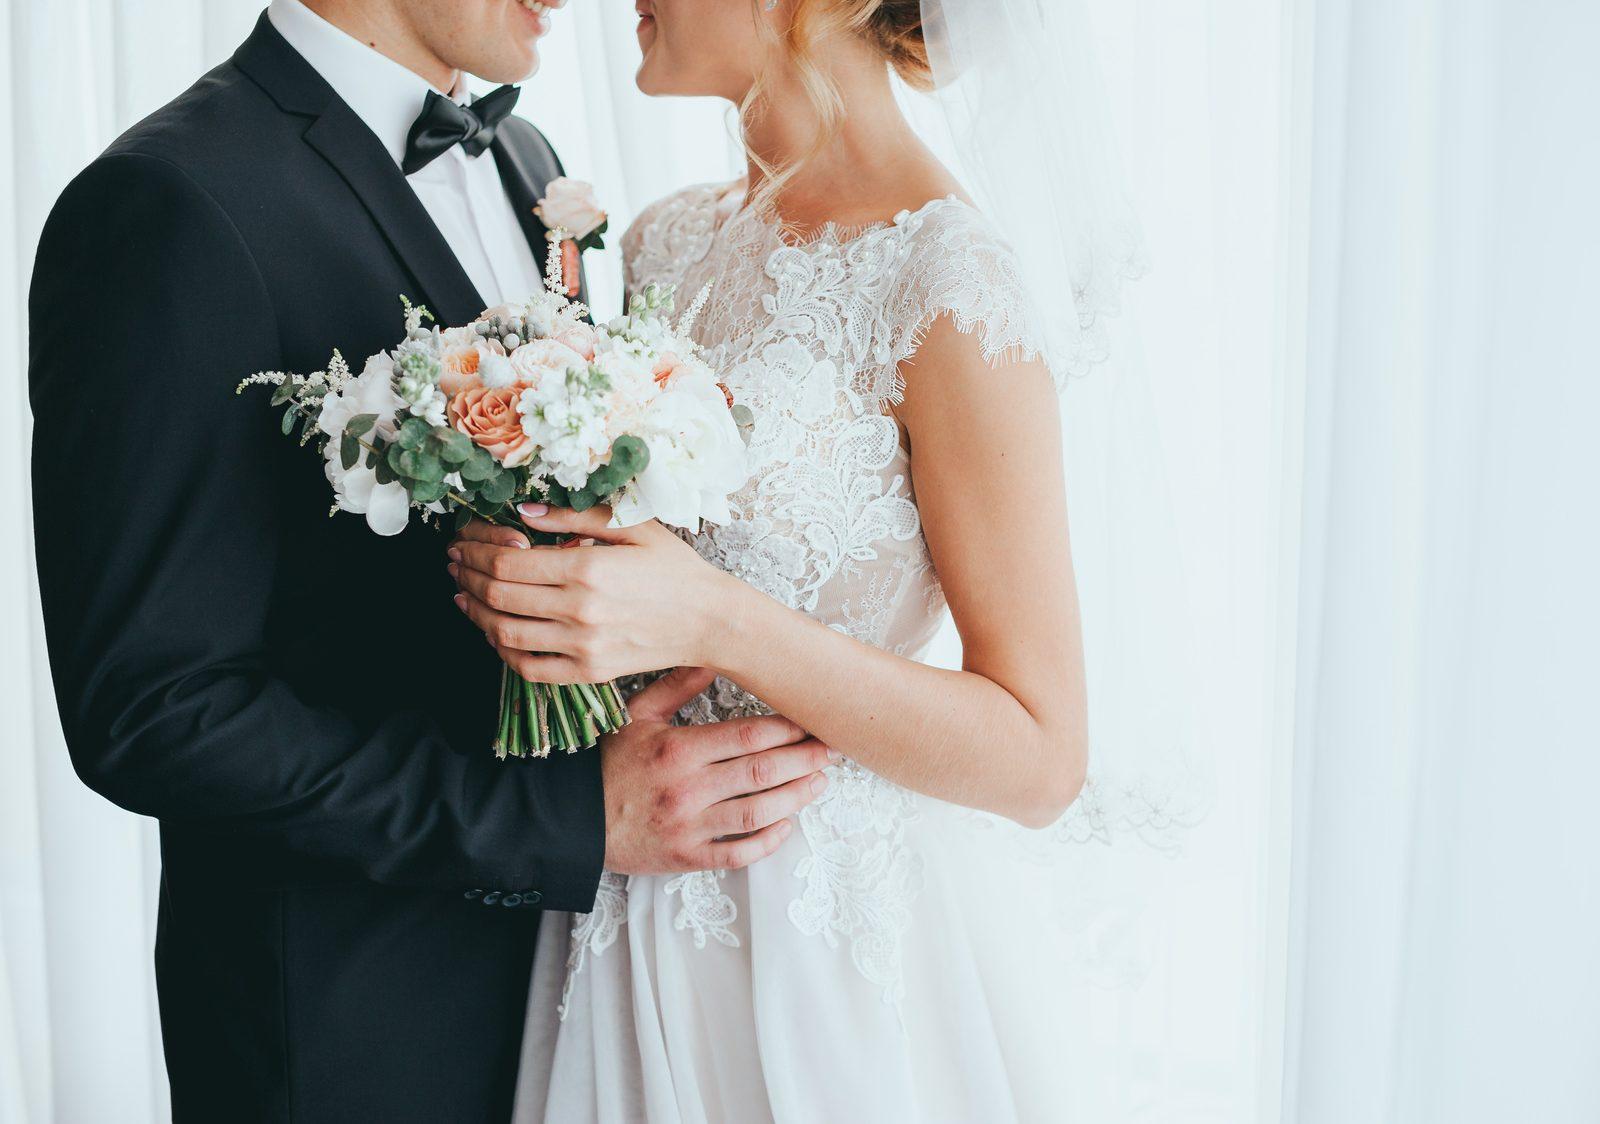 40代の婚活を「打算オトコ」が狙ってる!セコケチ男の見抜き方3つ